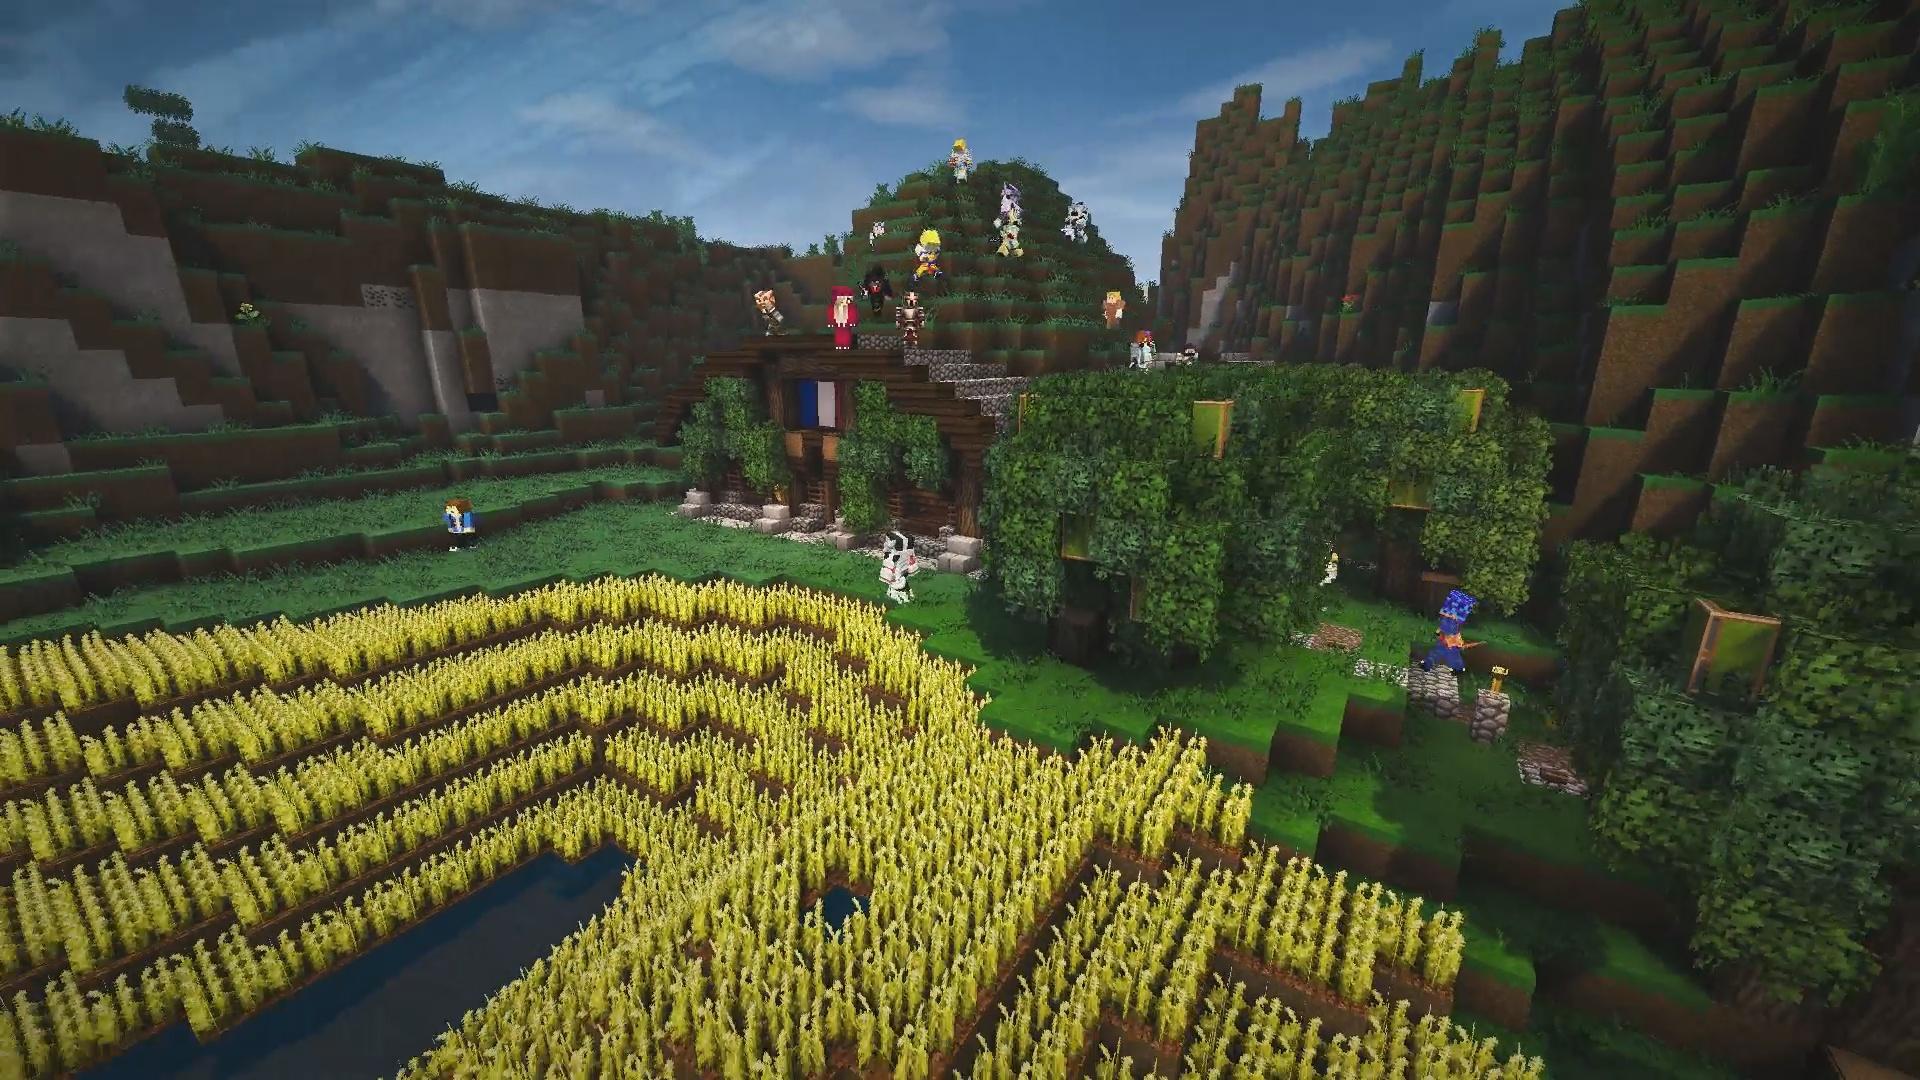 Bienvenue dans le nouveau village Hobbit de MrAntho !